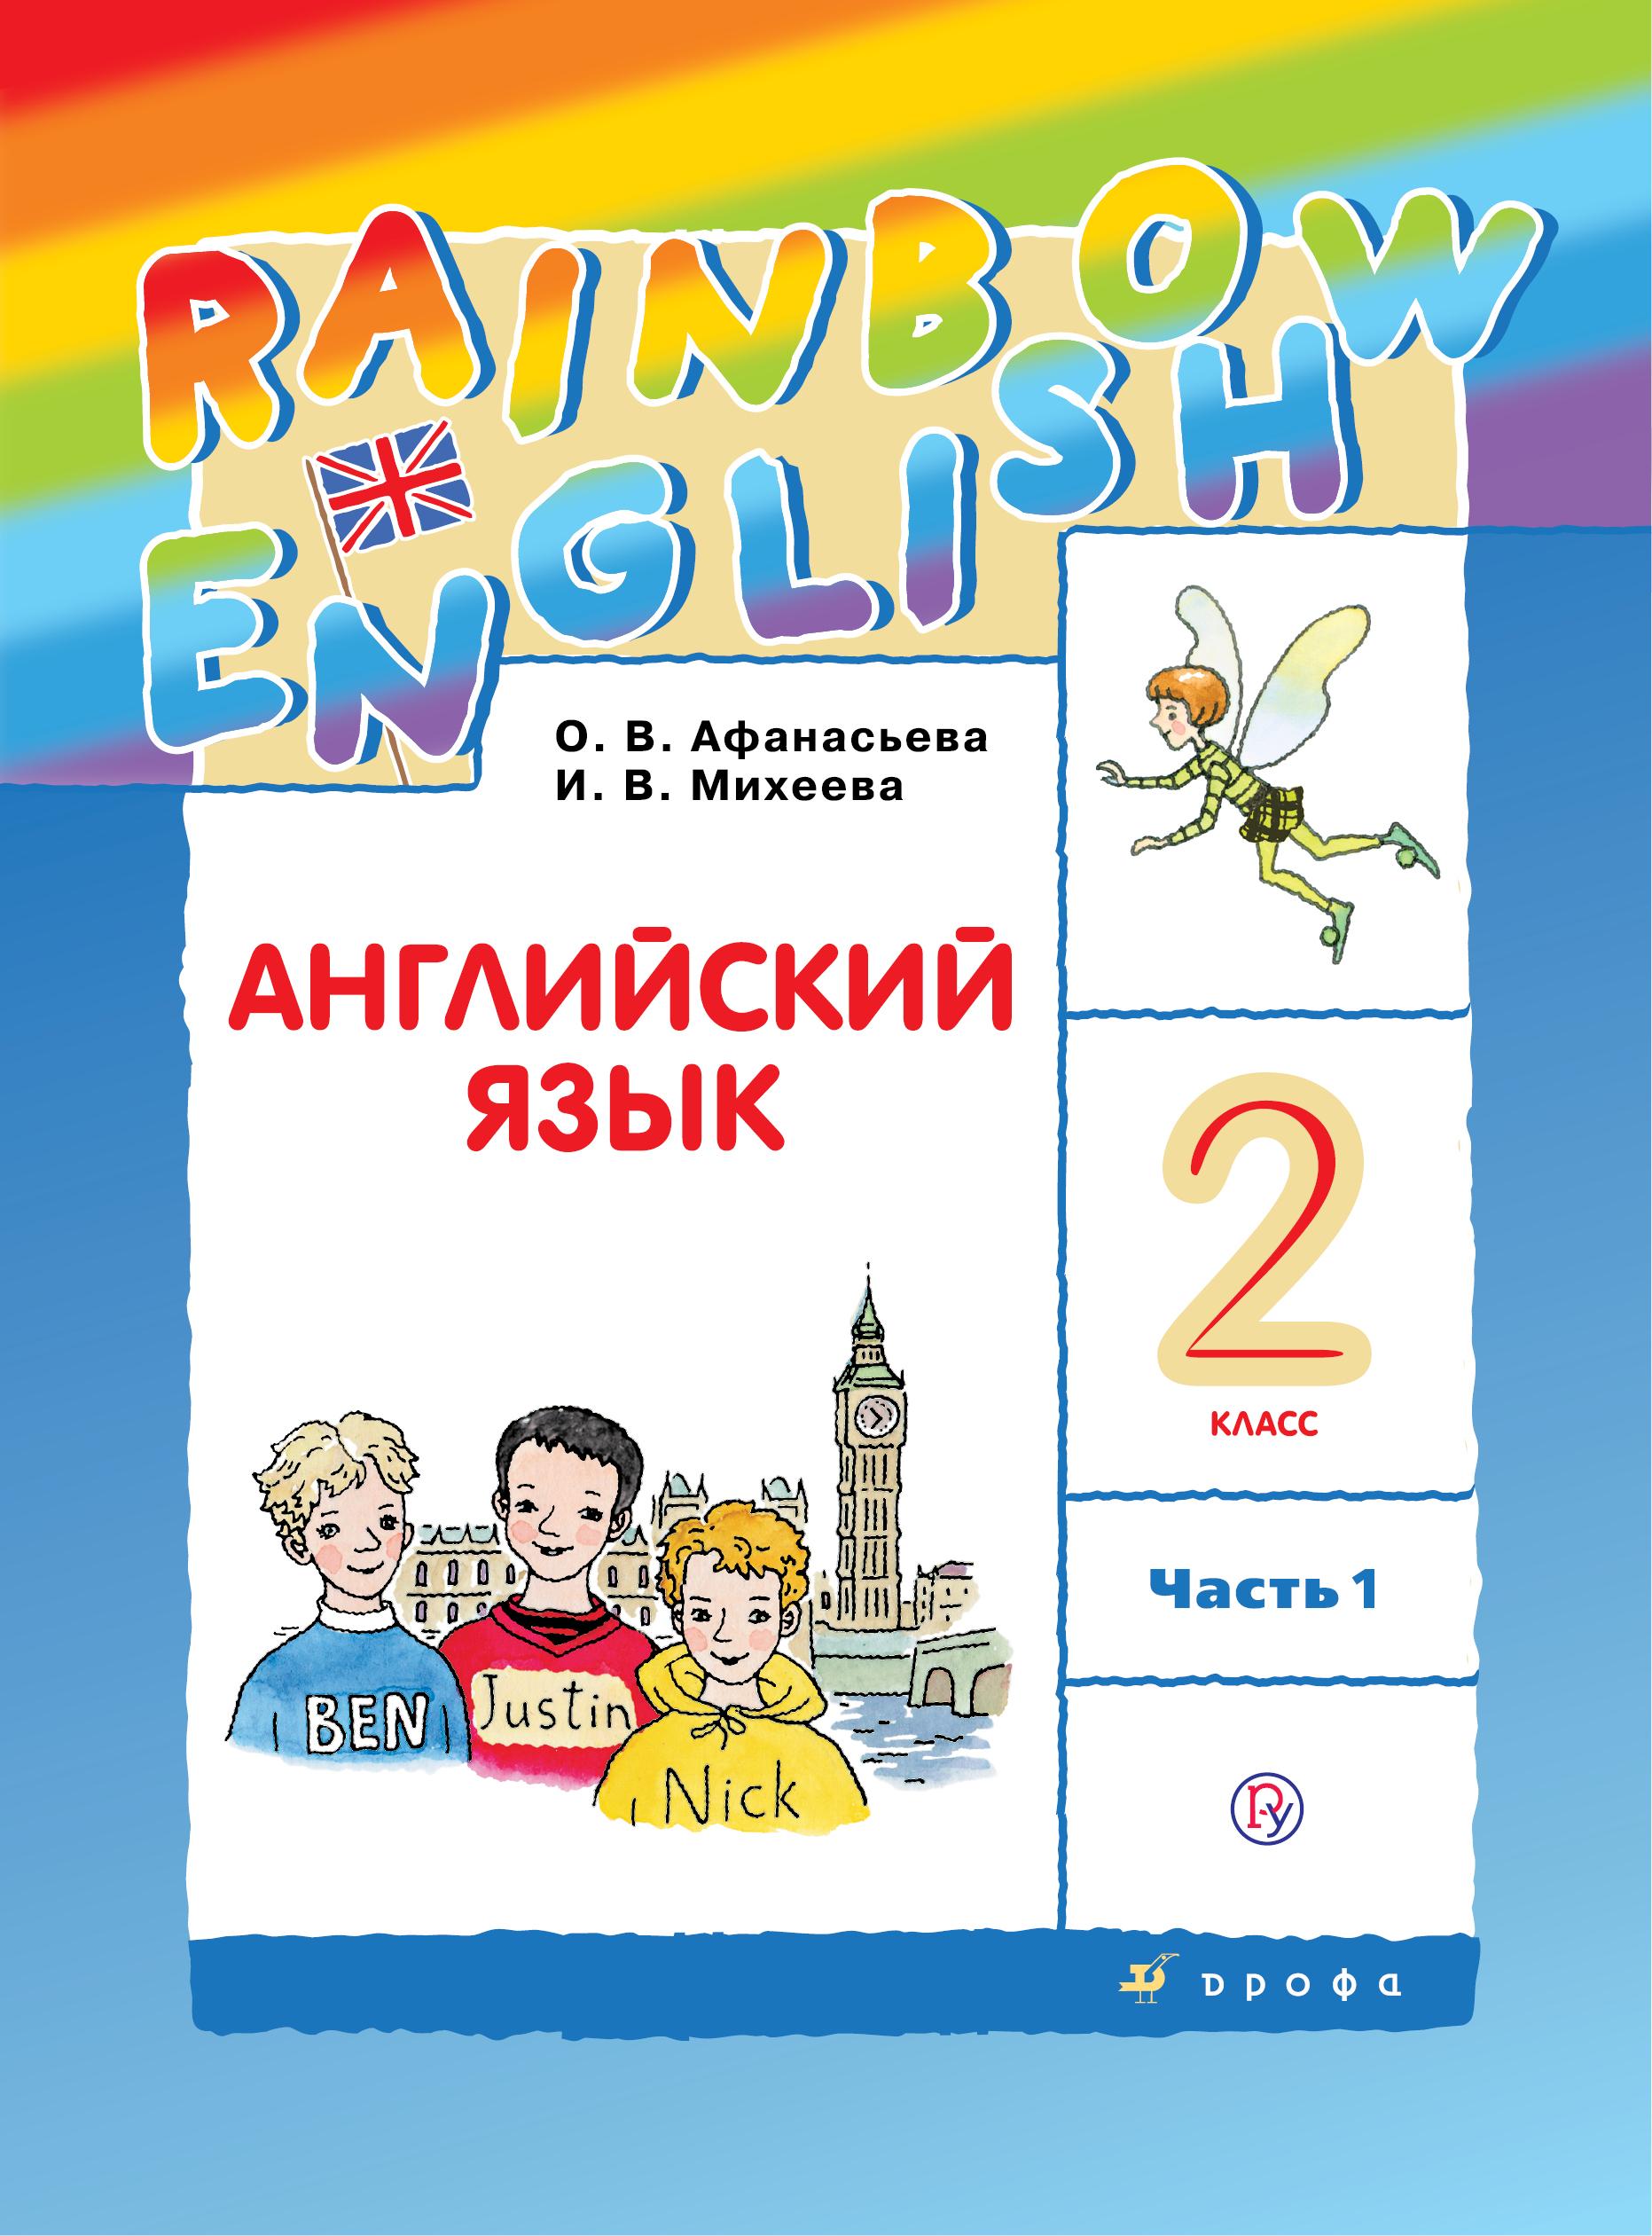 Афанасьева О.В., Михеева И.В. Английский язык. 2 класс. Учебник в 2-х частях. Часть 1